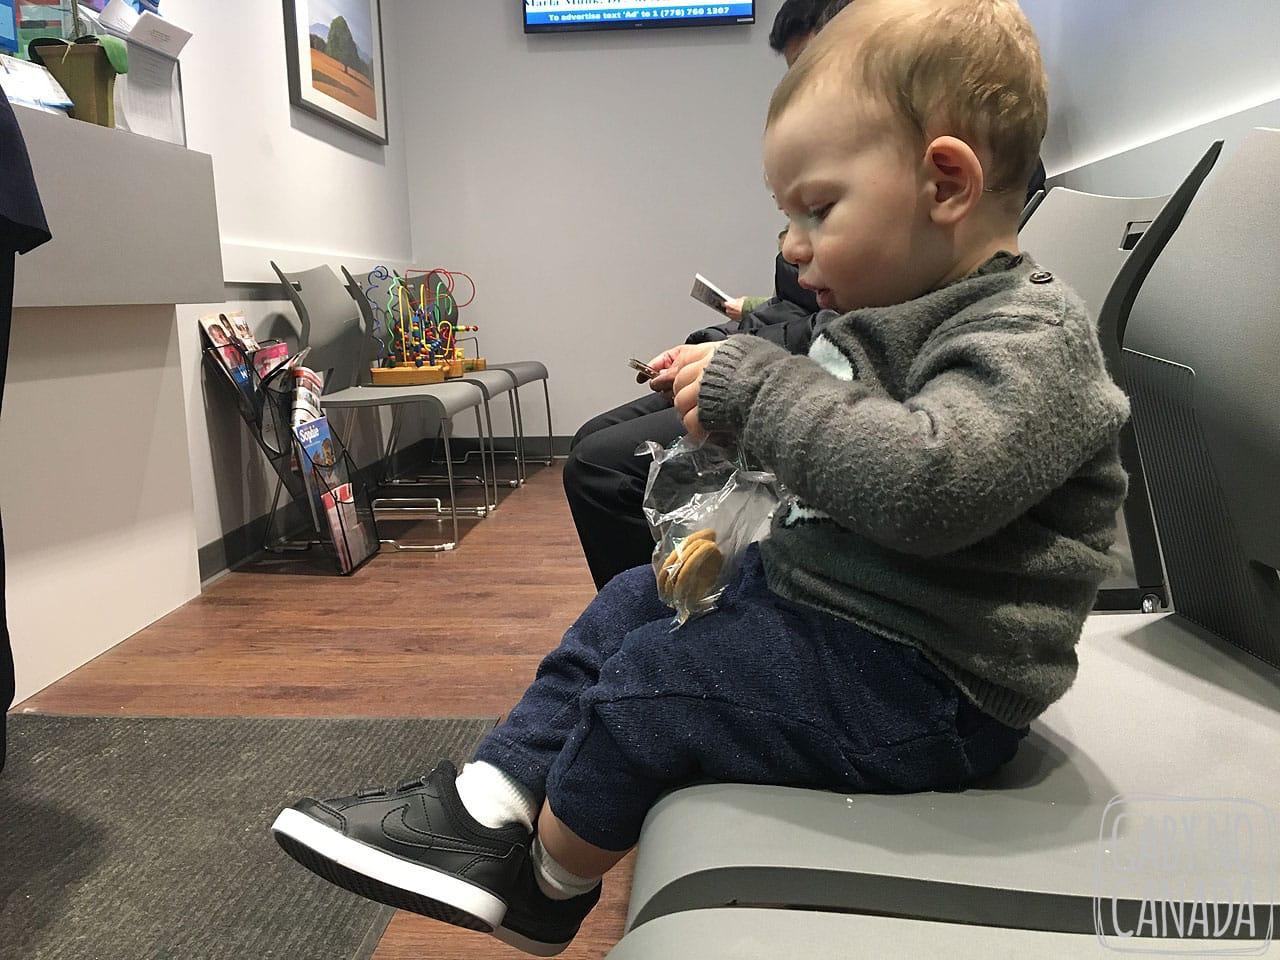 Thomas lendo um livrinho enquanto espera para ser atendido em uma clínica.